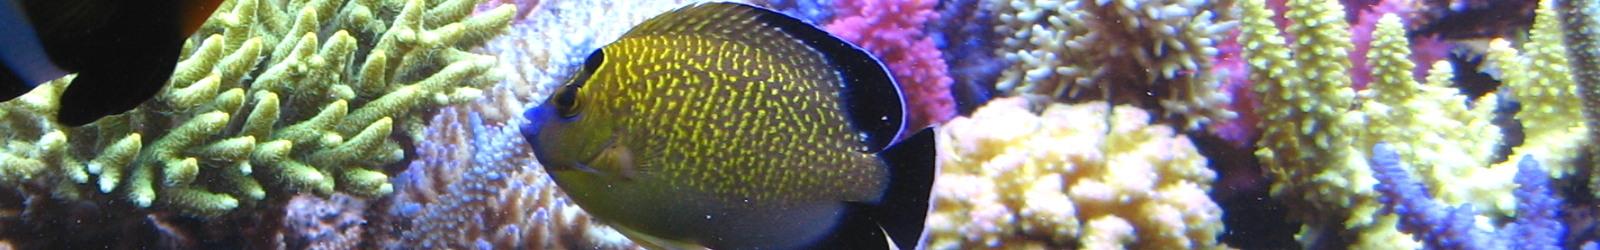 Alimento salud cuidado para peces korallen for Alimento para peces